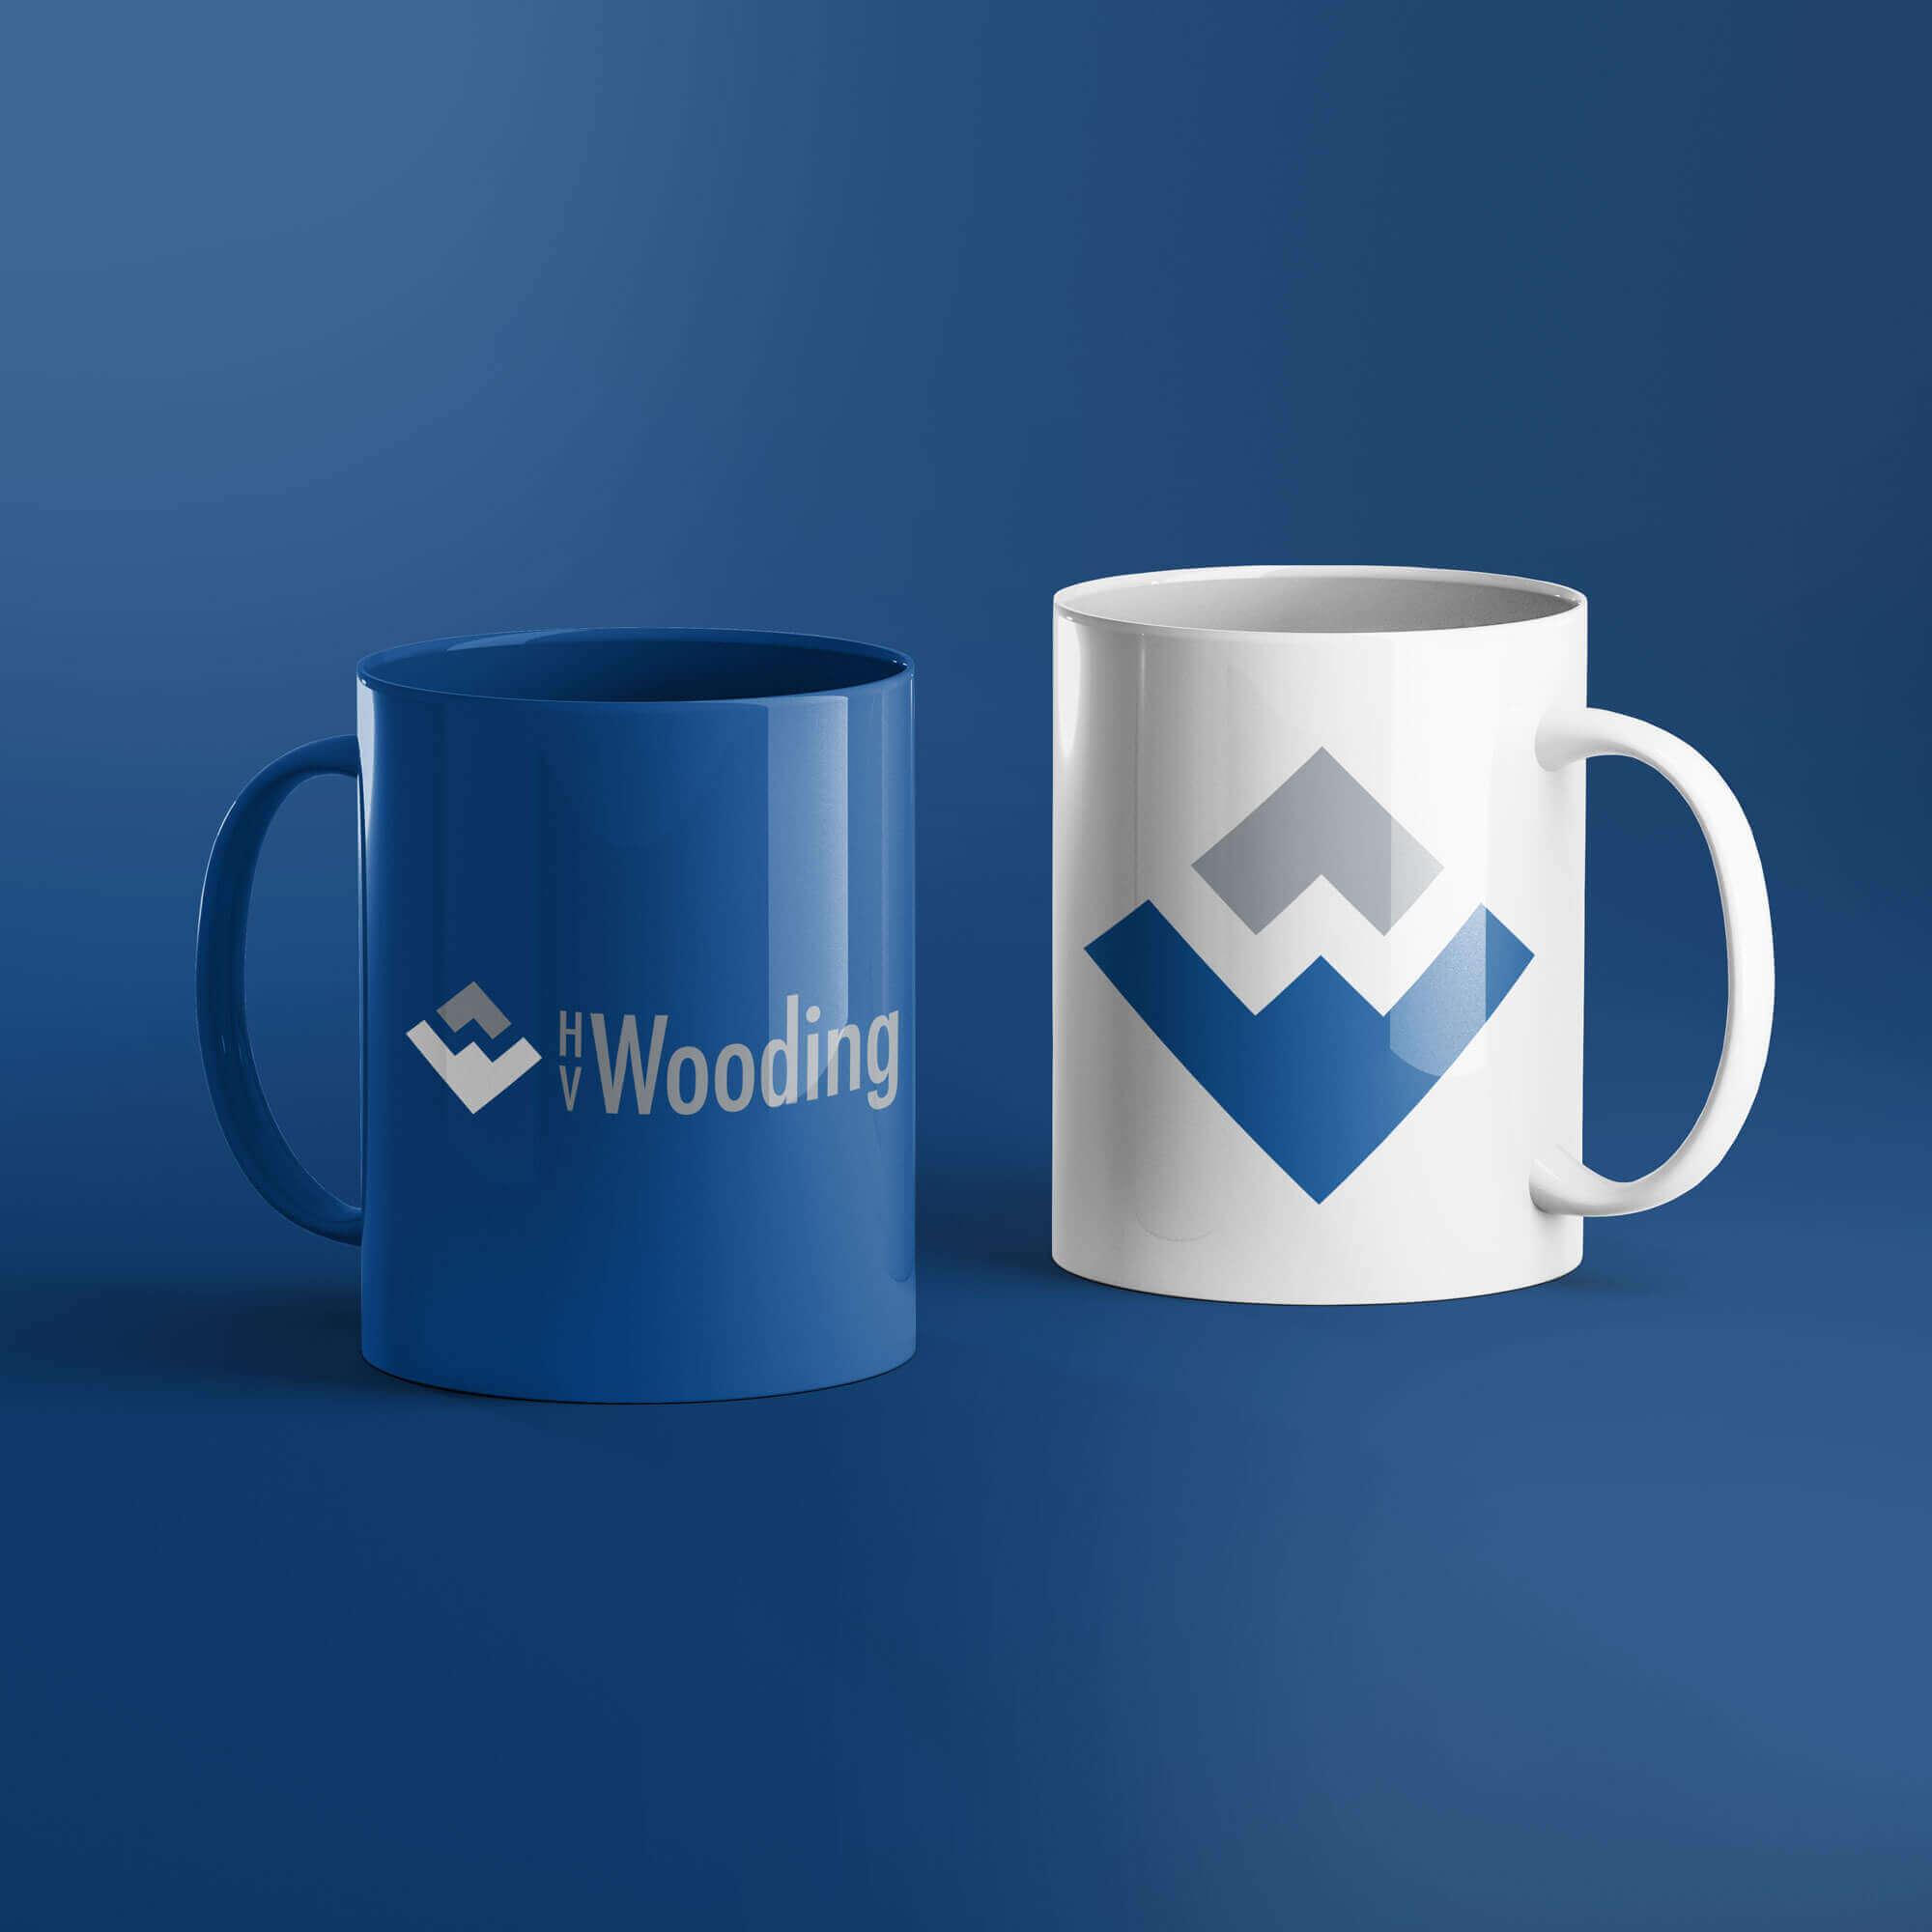 HV Wooding